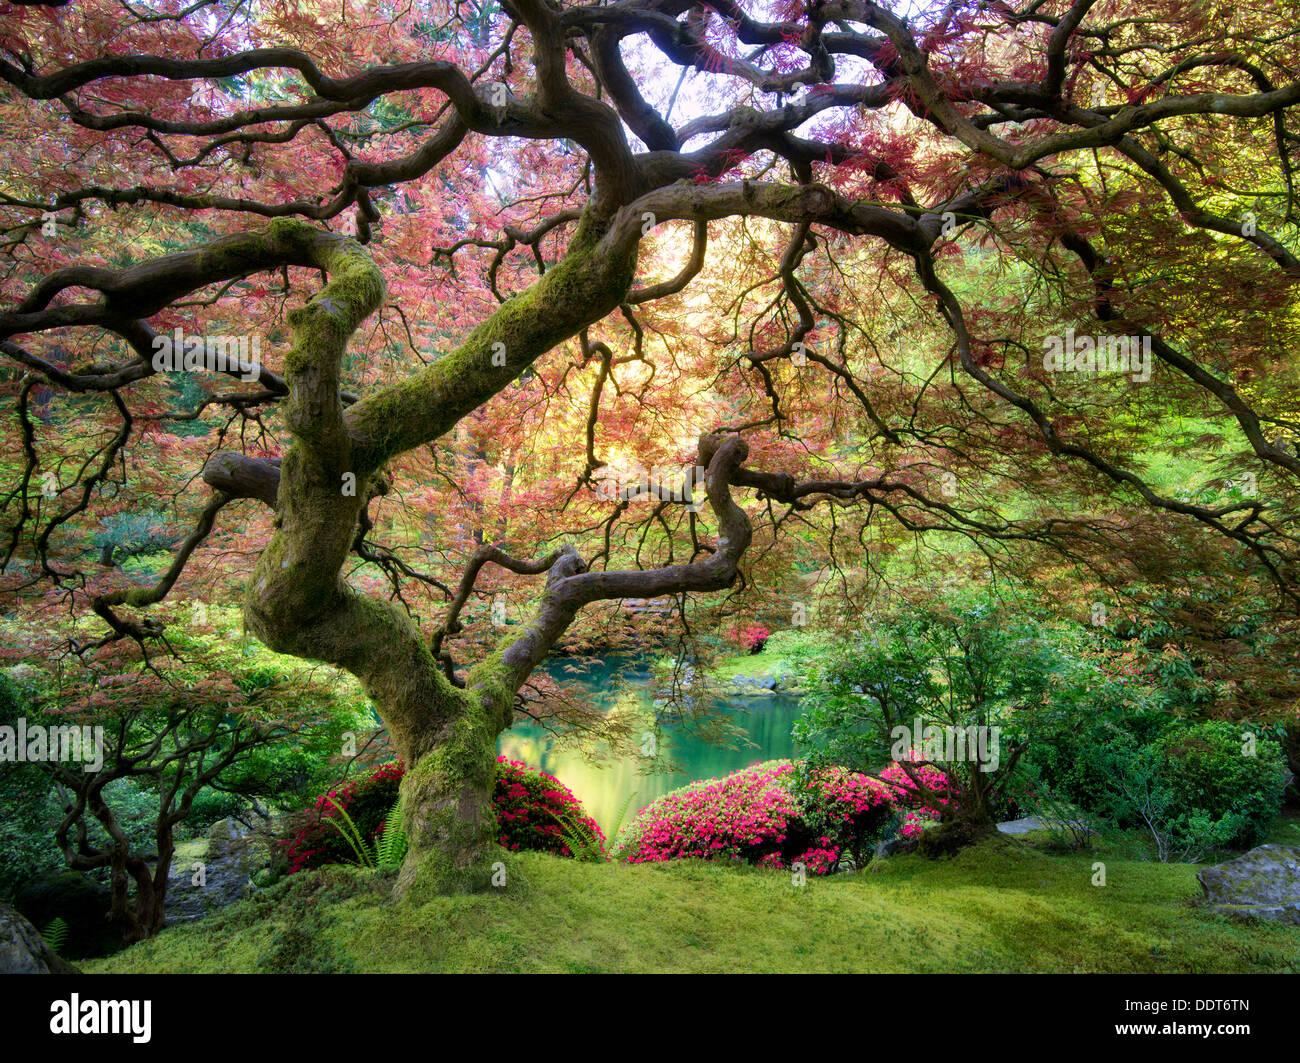 Arce japonés con un nuevo crecimiento. En el jardín japonés de Portland, Oregón Imagen De Stock